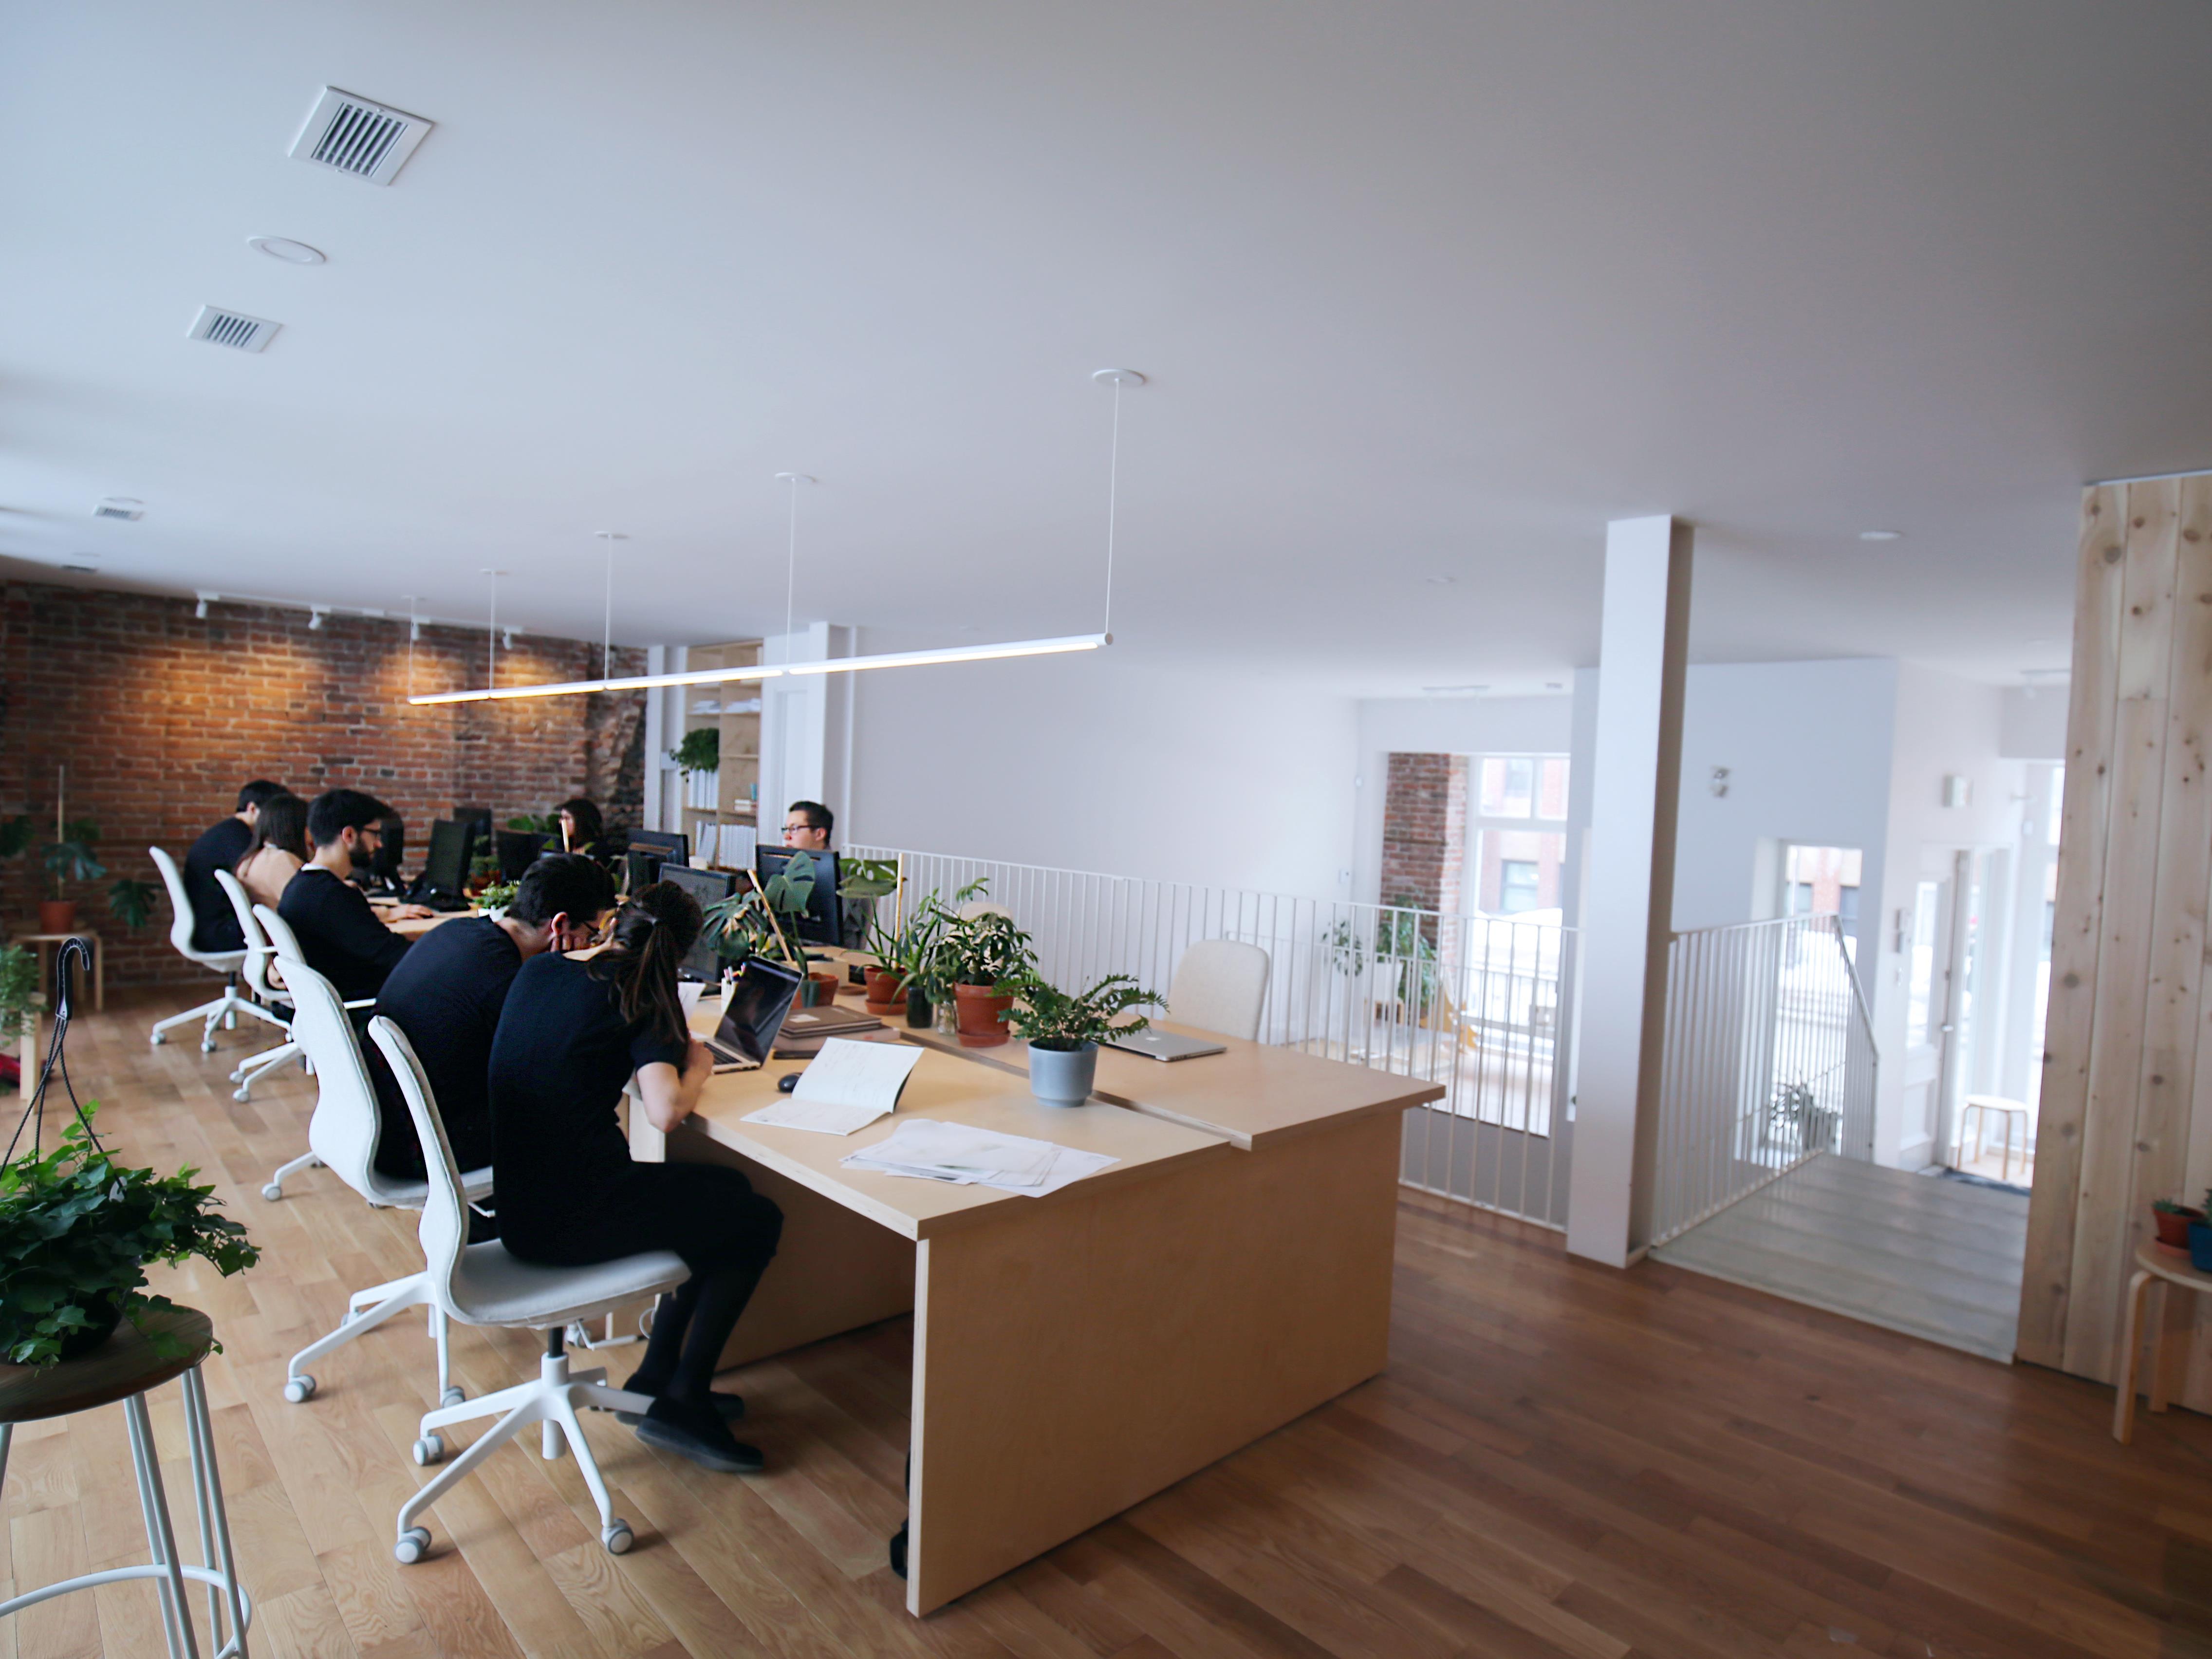 Les employés de l'Atelier Pierre Thibault partagent tous la même surface de travail.